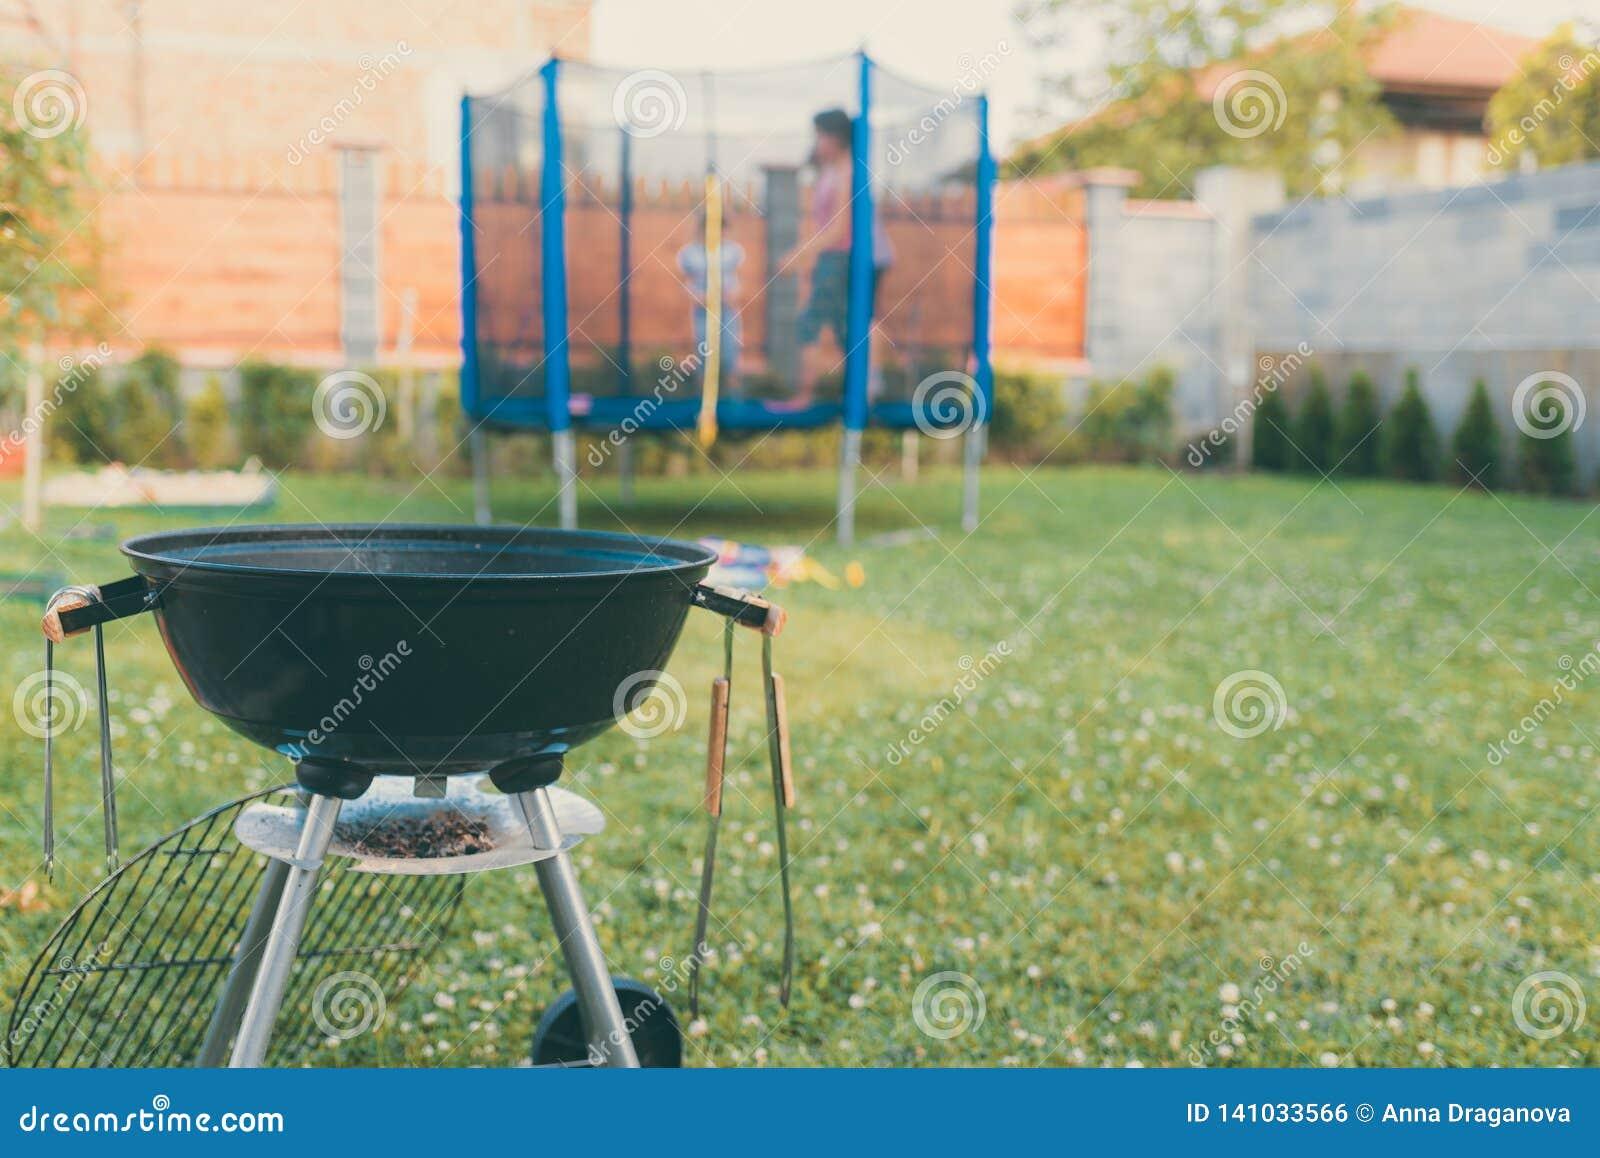 Czajnika węgla drzewnego BBQ grilla grill w ogródzie lub podwórku Zamazany Plenerowy trampoline w tle Dom rodzinny